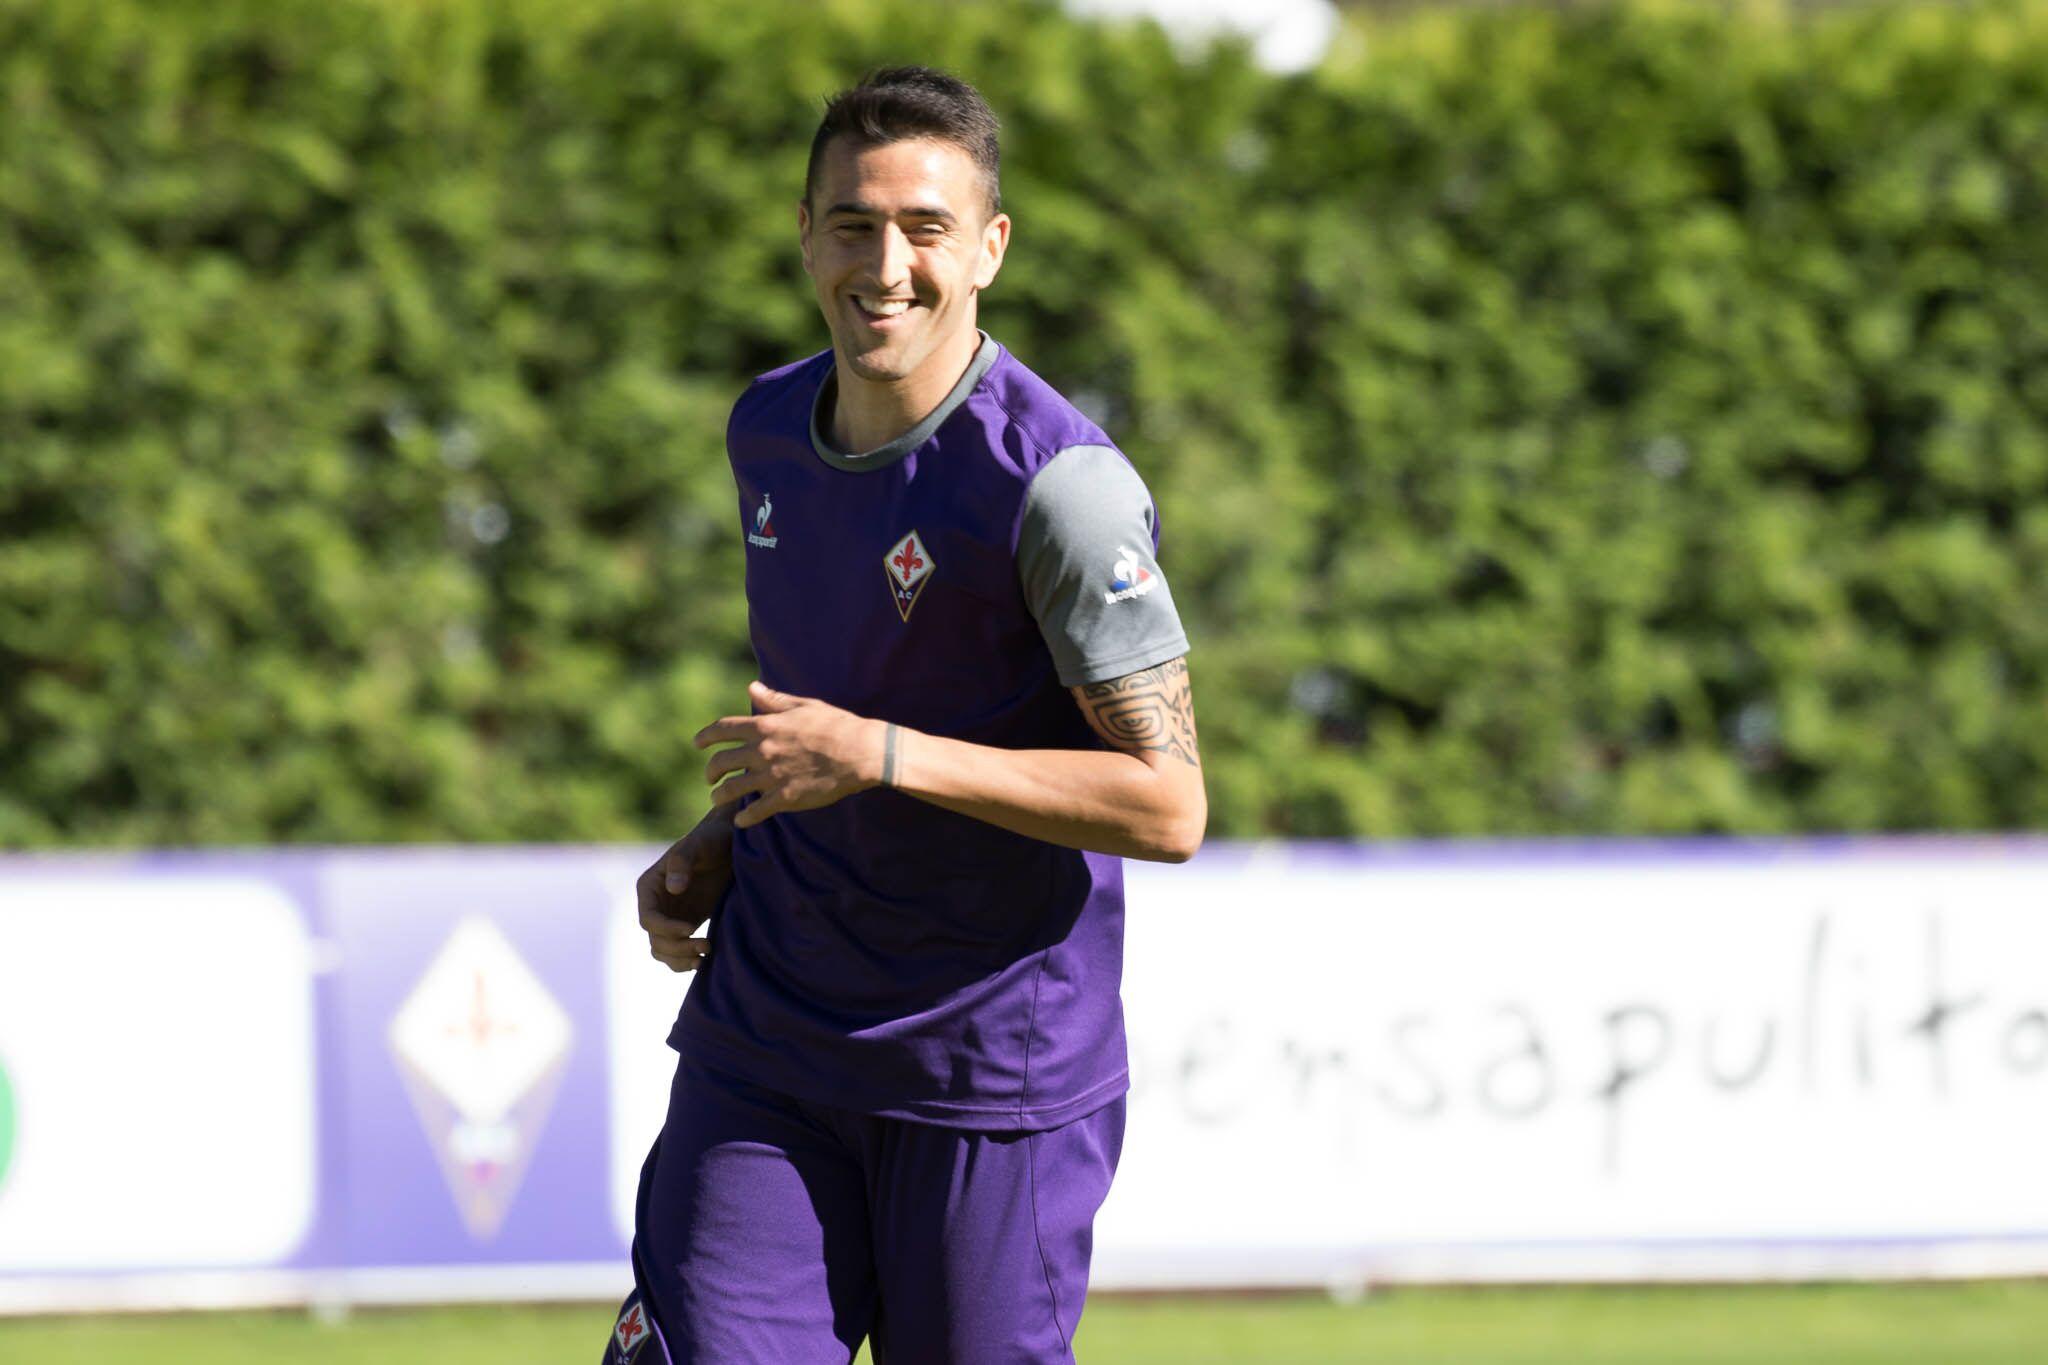 Retroscena Vecino, prima dell'Inter la Juventus ha trattato con la Fiorentina per prenderlo. Poi ha scelto Matuidi